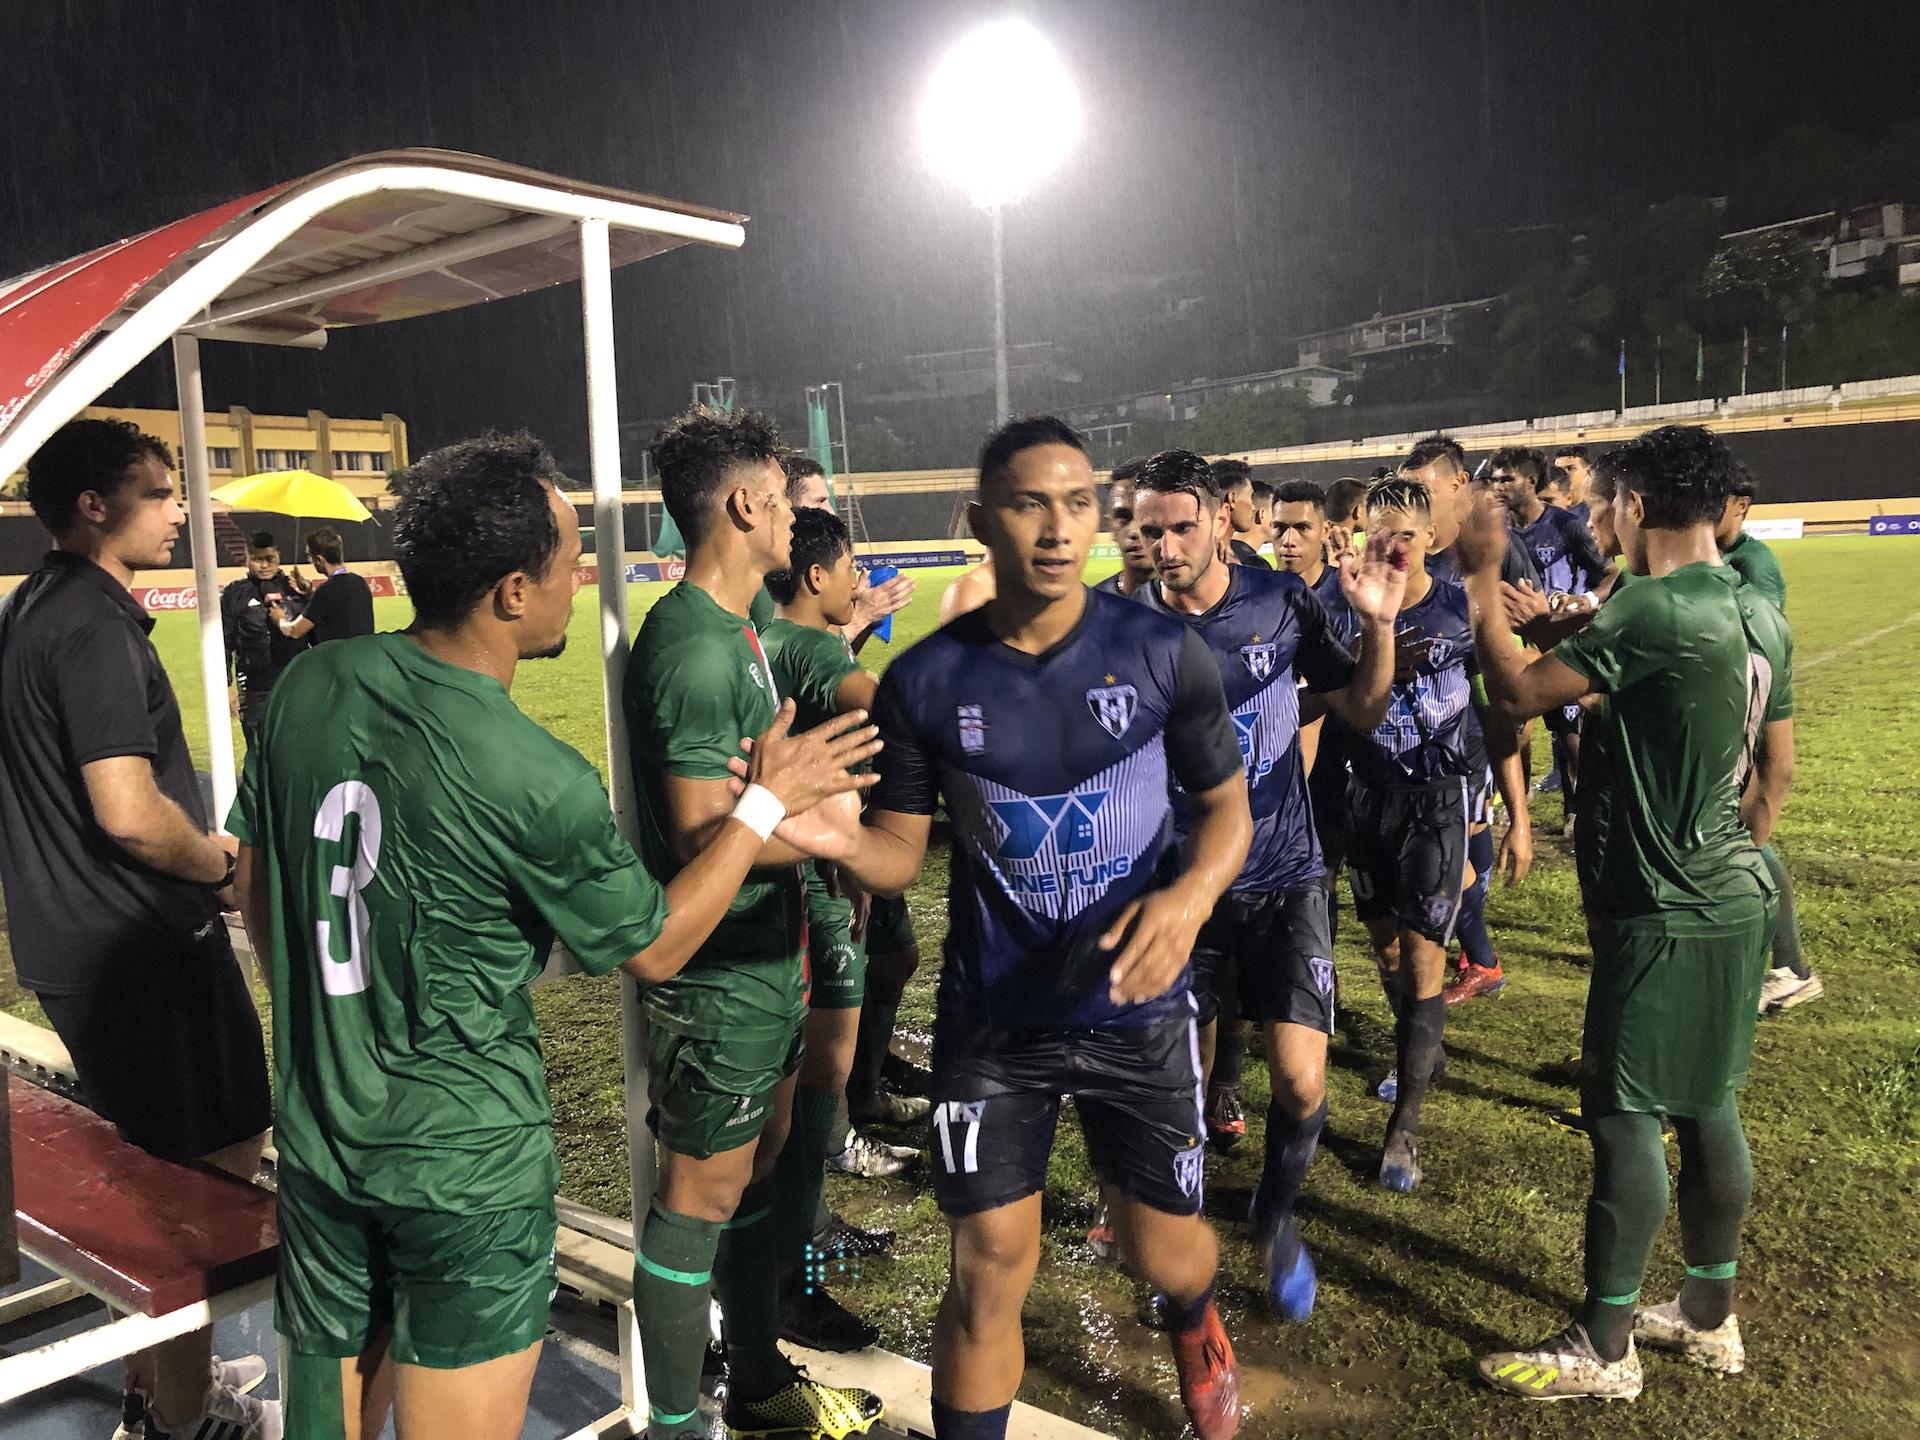 Tamatoa Tetauira et l'AS Vénus ont désormais rendez-vous mercredi avec Auckland City pour leur deuxième match de poule.